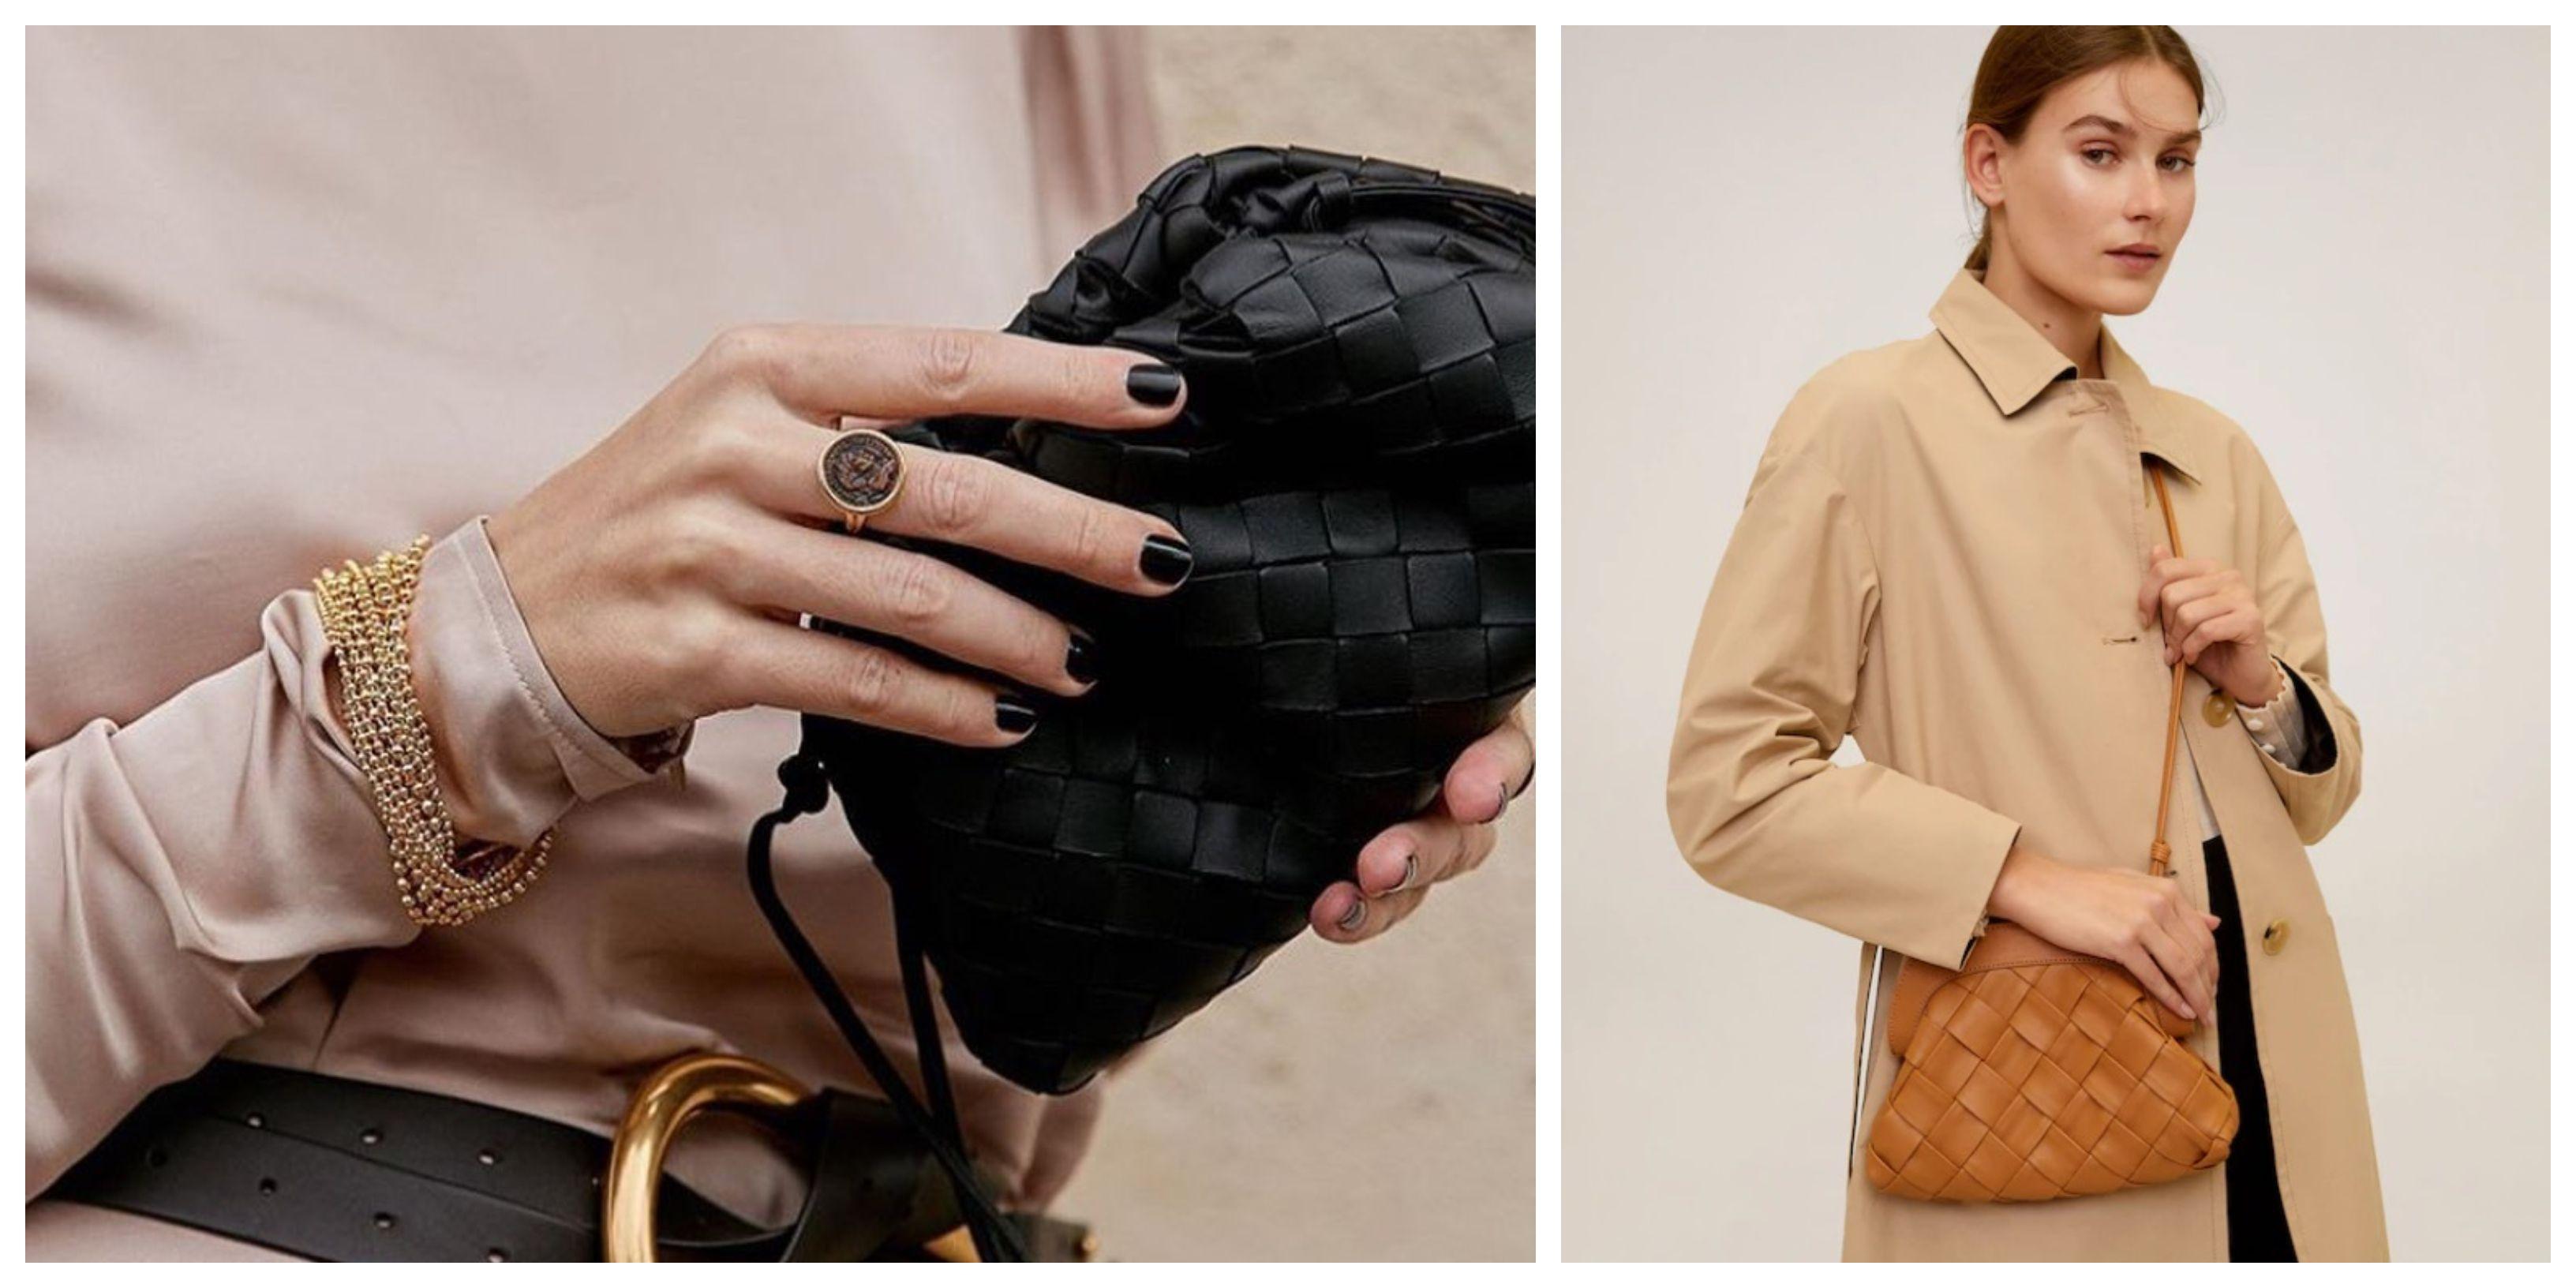 """Dior, Bottega Veneta, Gucci... U popularnom high street dućanu pronašli smo modele inspirirane """"it"""" dizajnerskim modelima"""